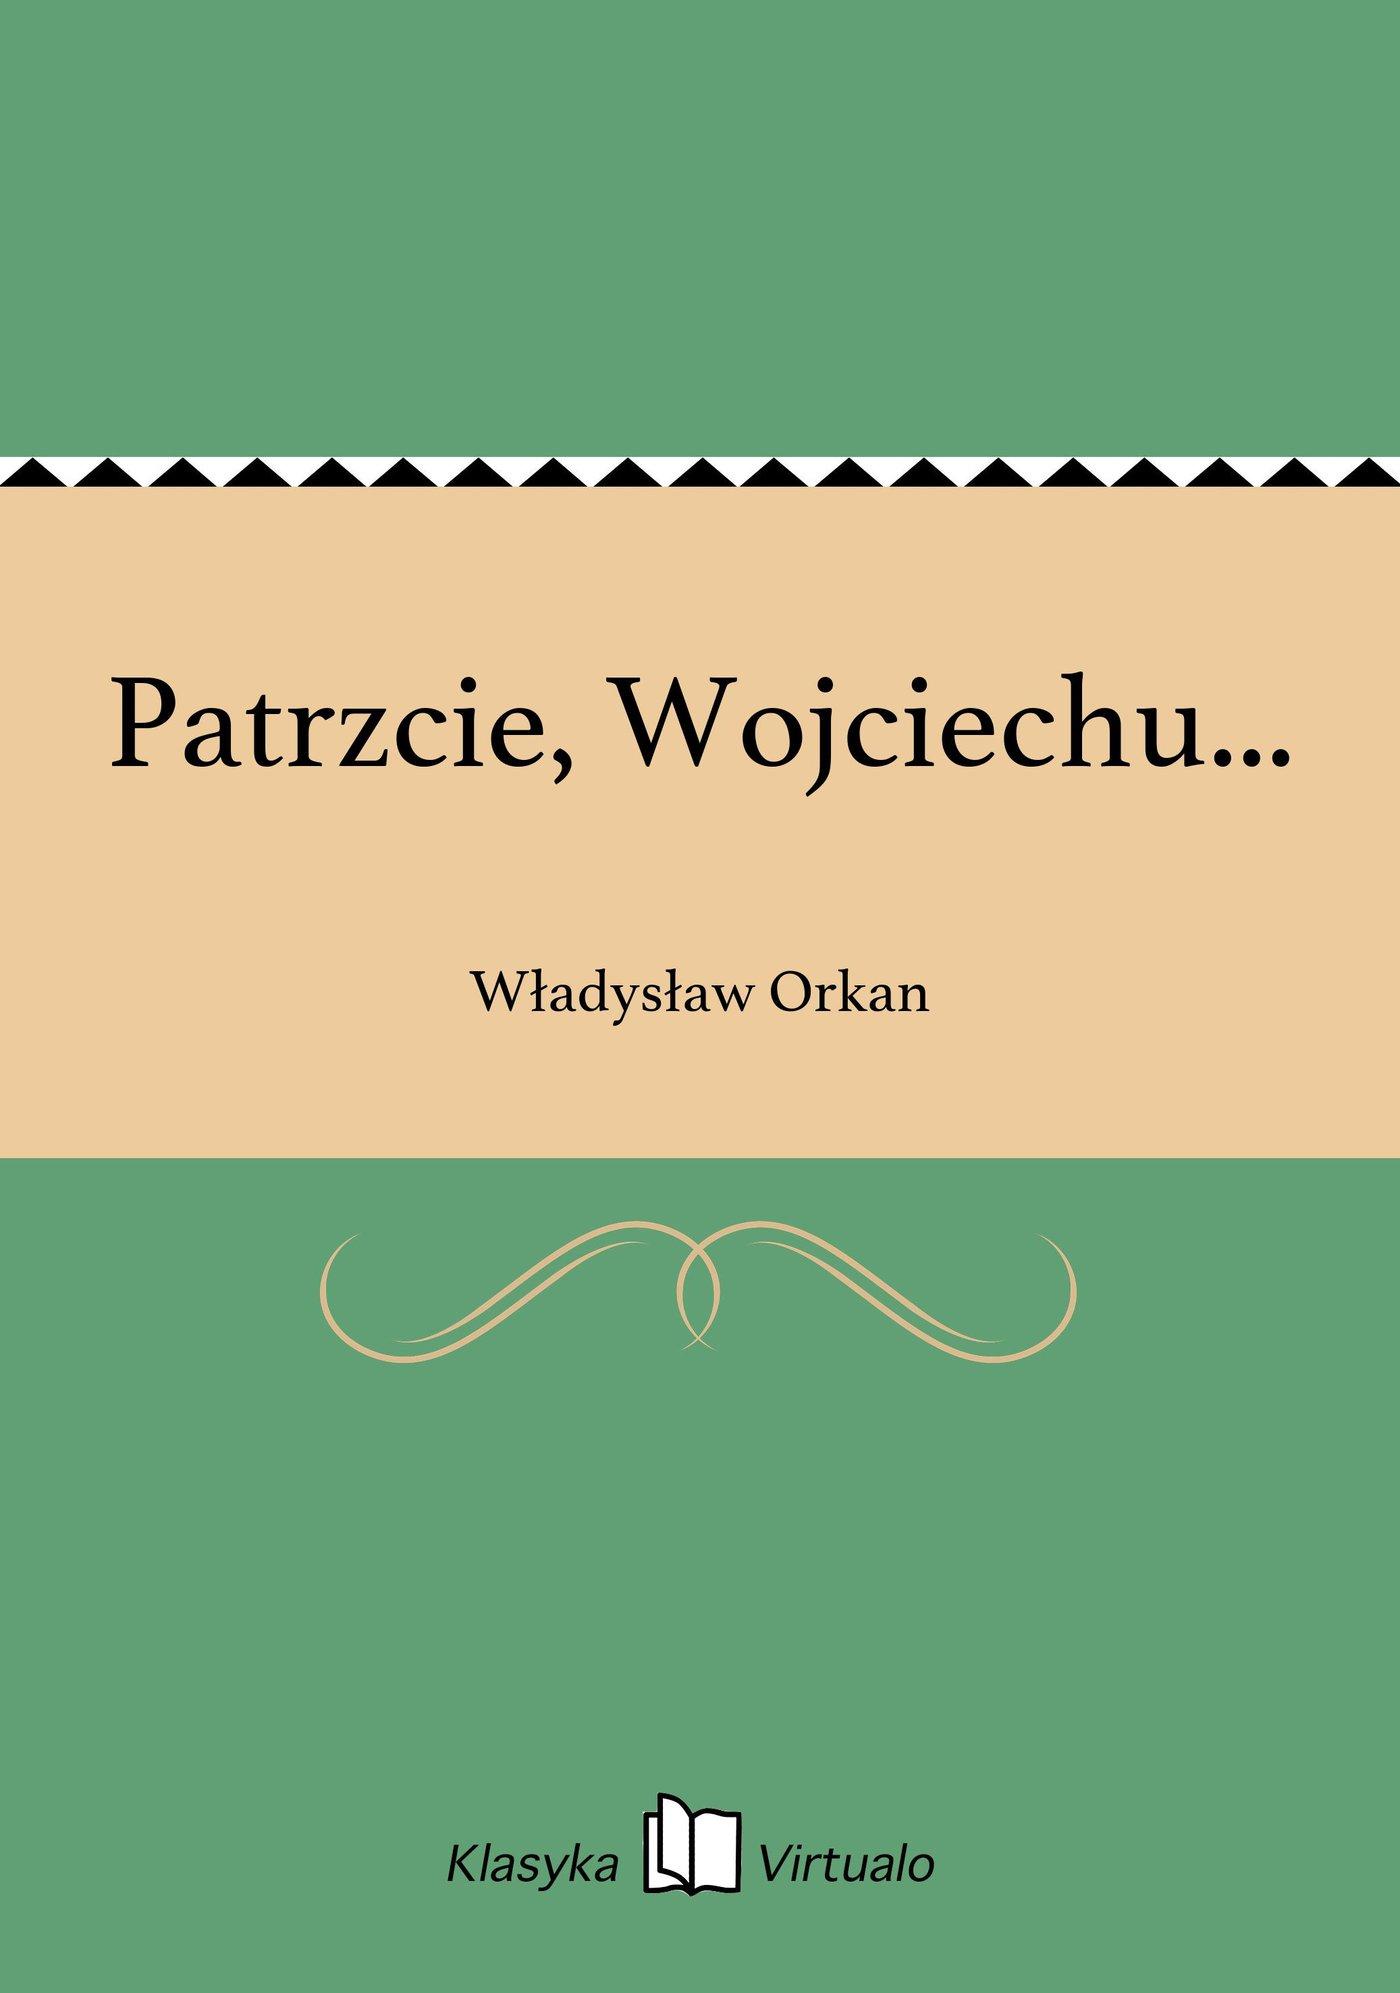 Patrzcie, Wojciechu... - Ebook (Książka EPUB) do pobrania w formacie EPUB